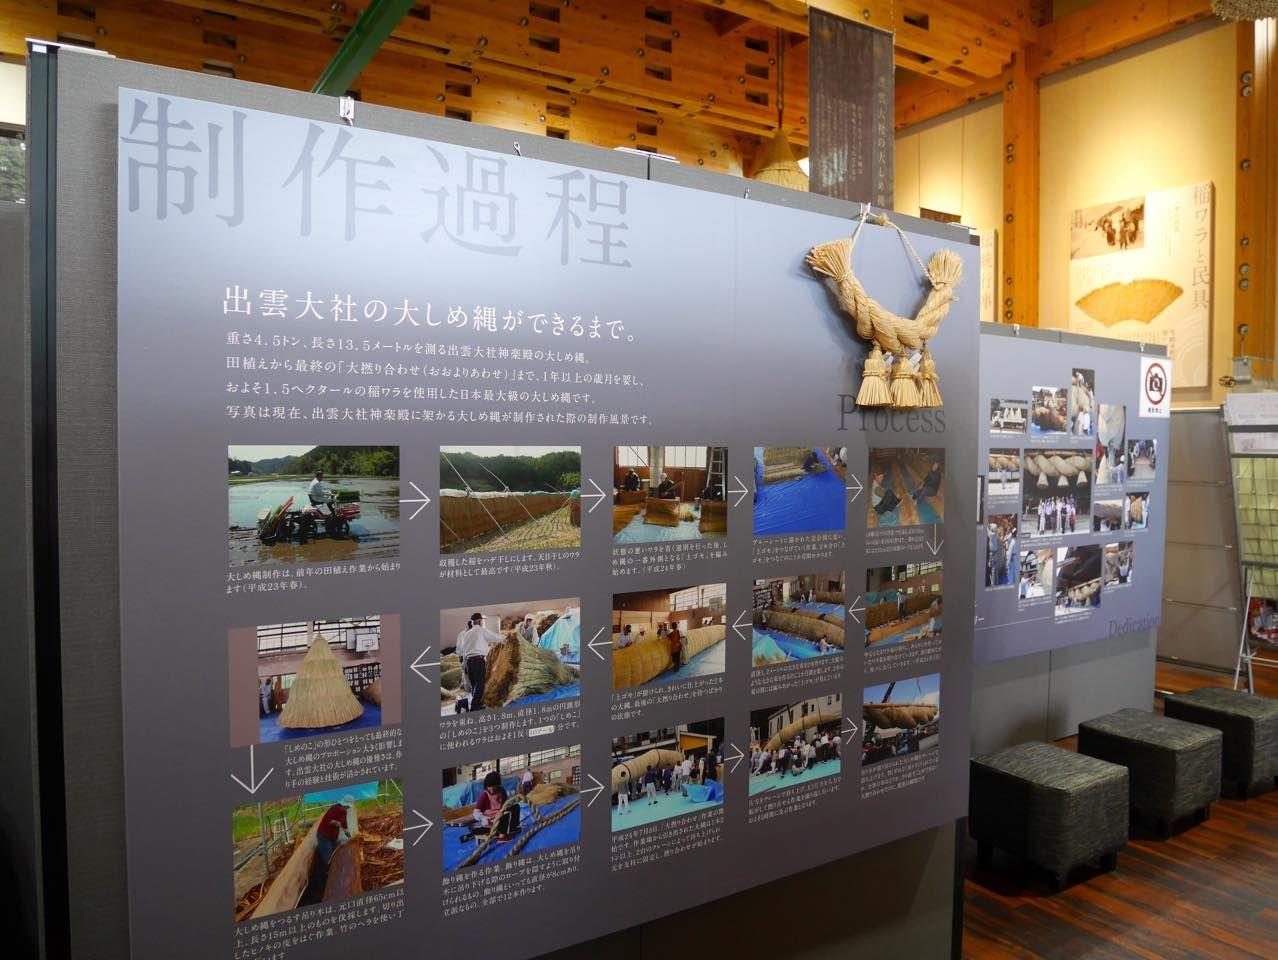 日本一の大しめ縄誕生の地!「飯南町大しめなわ創作館」